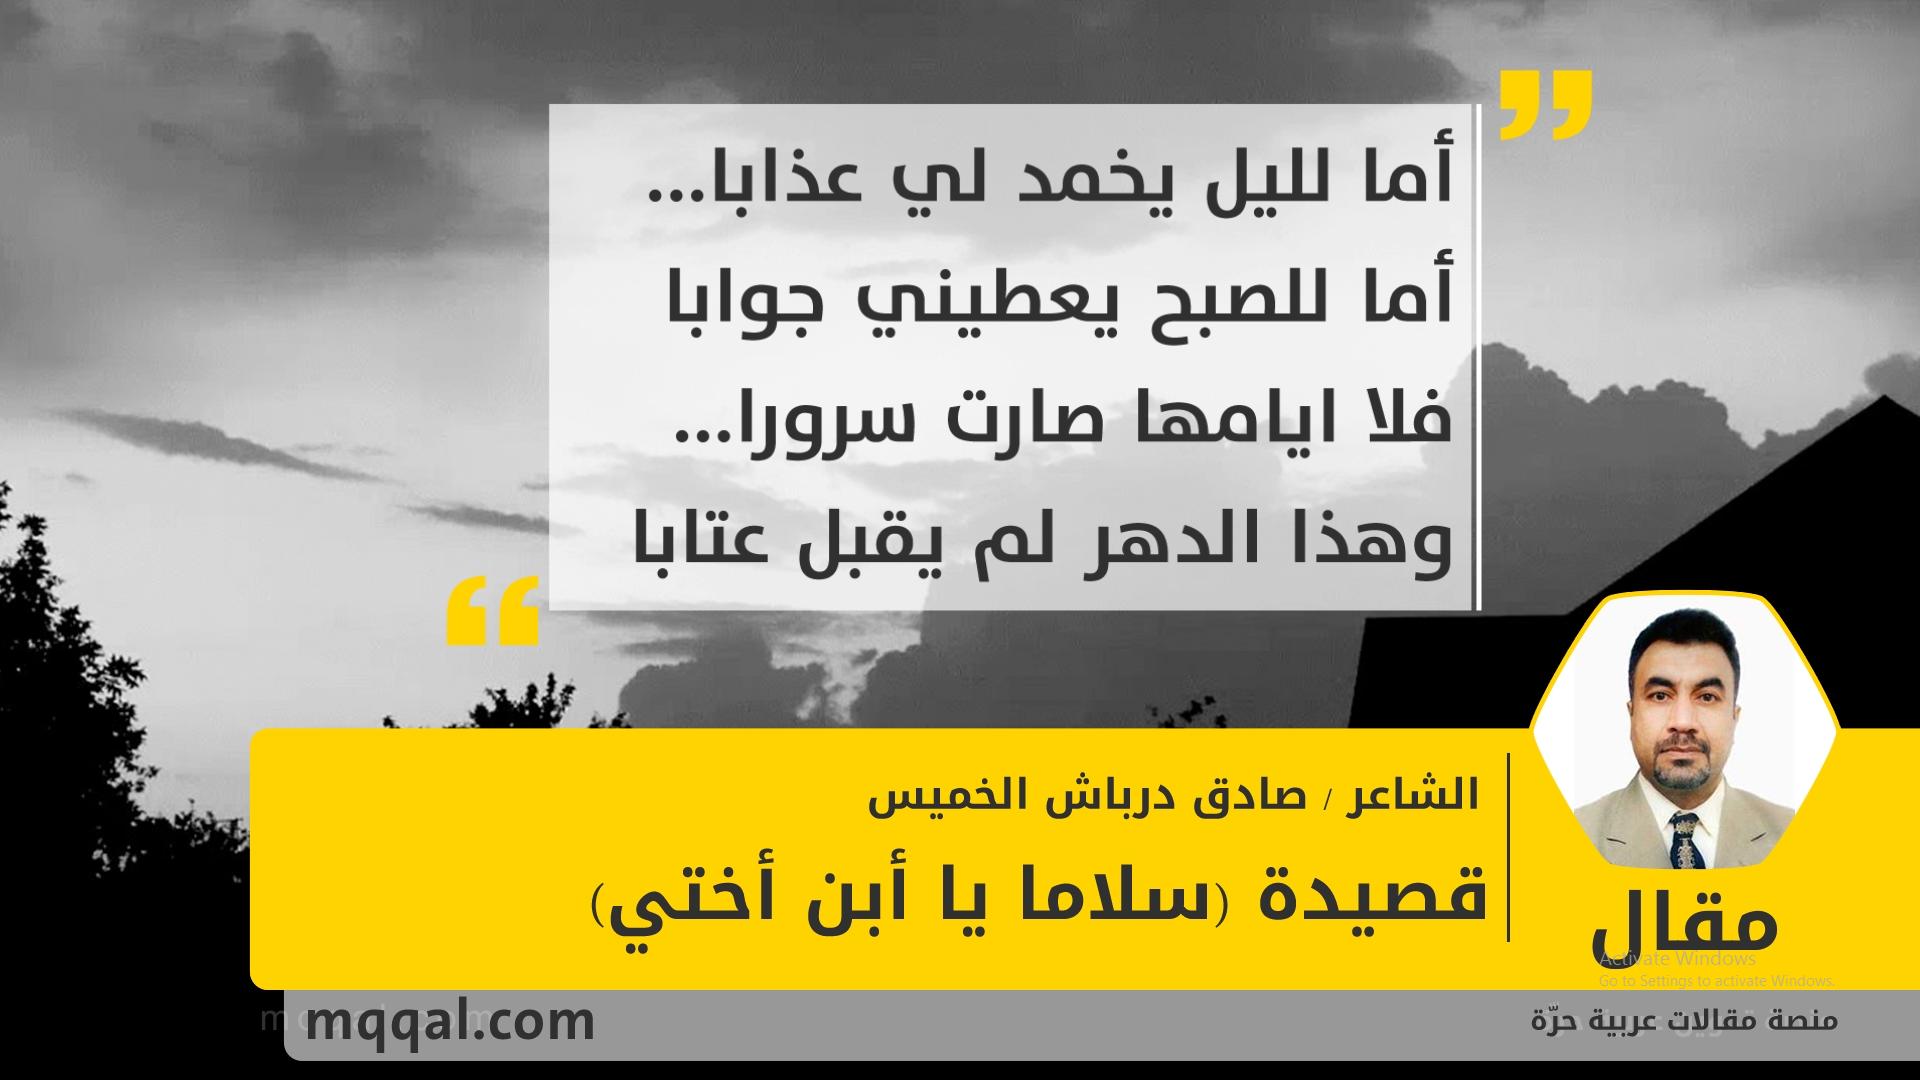 قصيدة سلاما يا أبن أختي موقع مقال